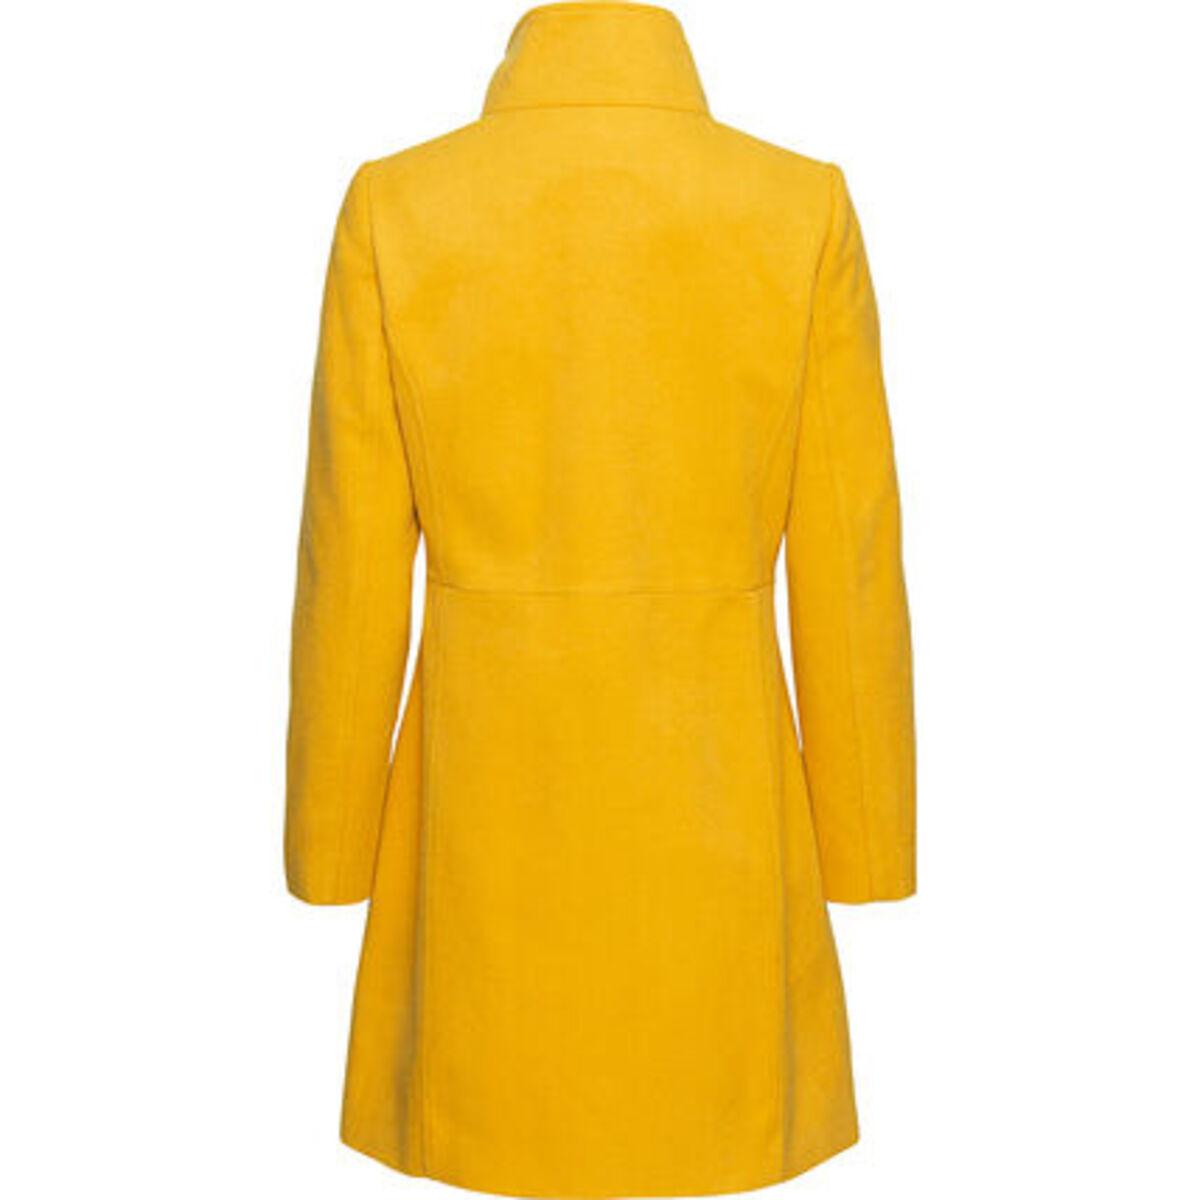 Bild 2 von manguun collection Mantel, geknöpft, taillierte Passform, für Damen